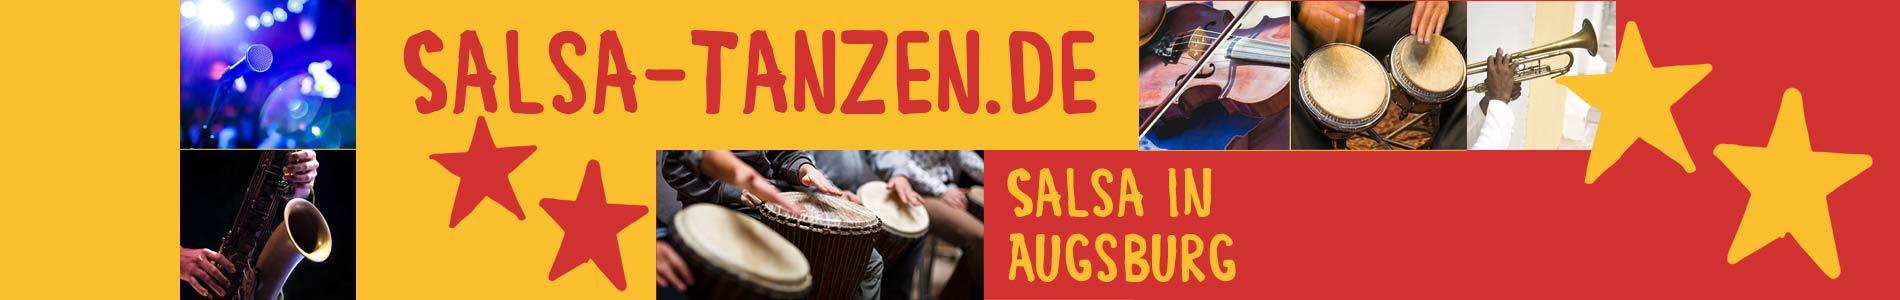 Salsa in Augsburg – Salsa lernen und tanzen, Tanzkurse, Partys, Veranstaltungen